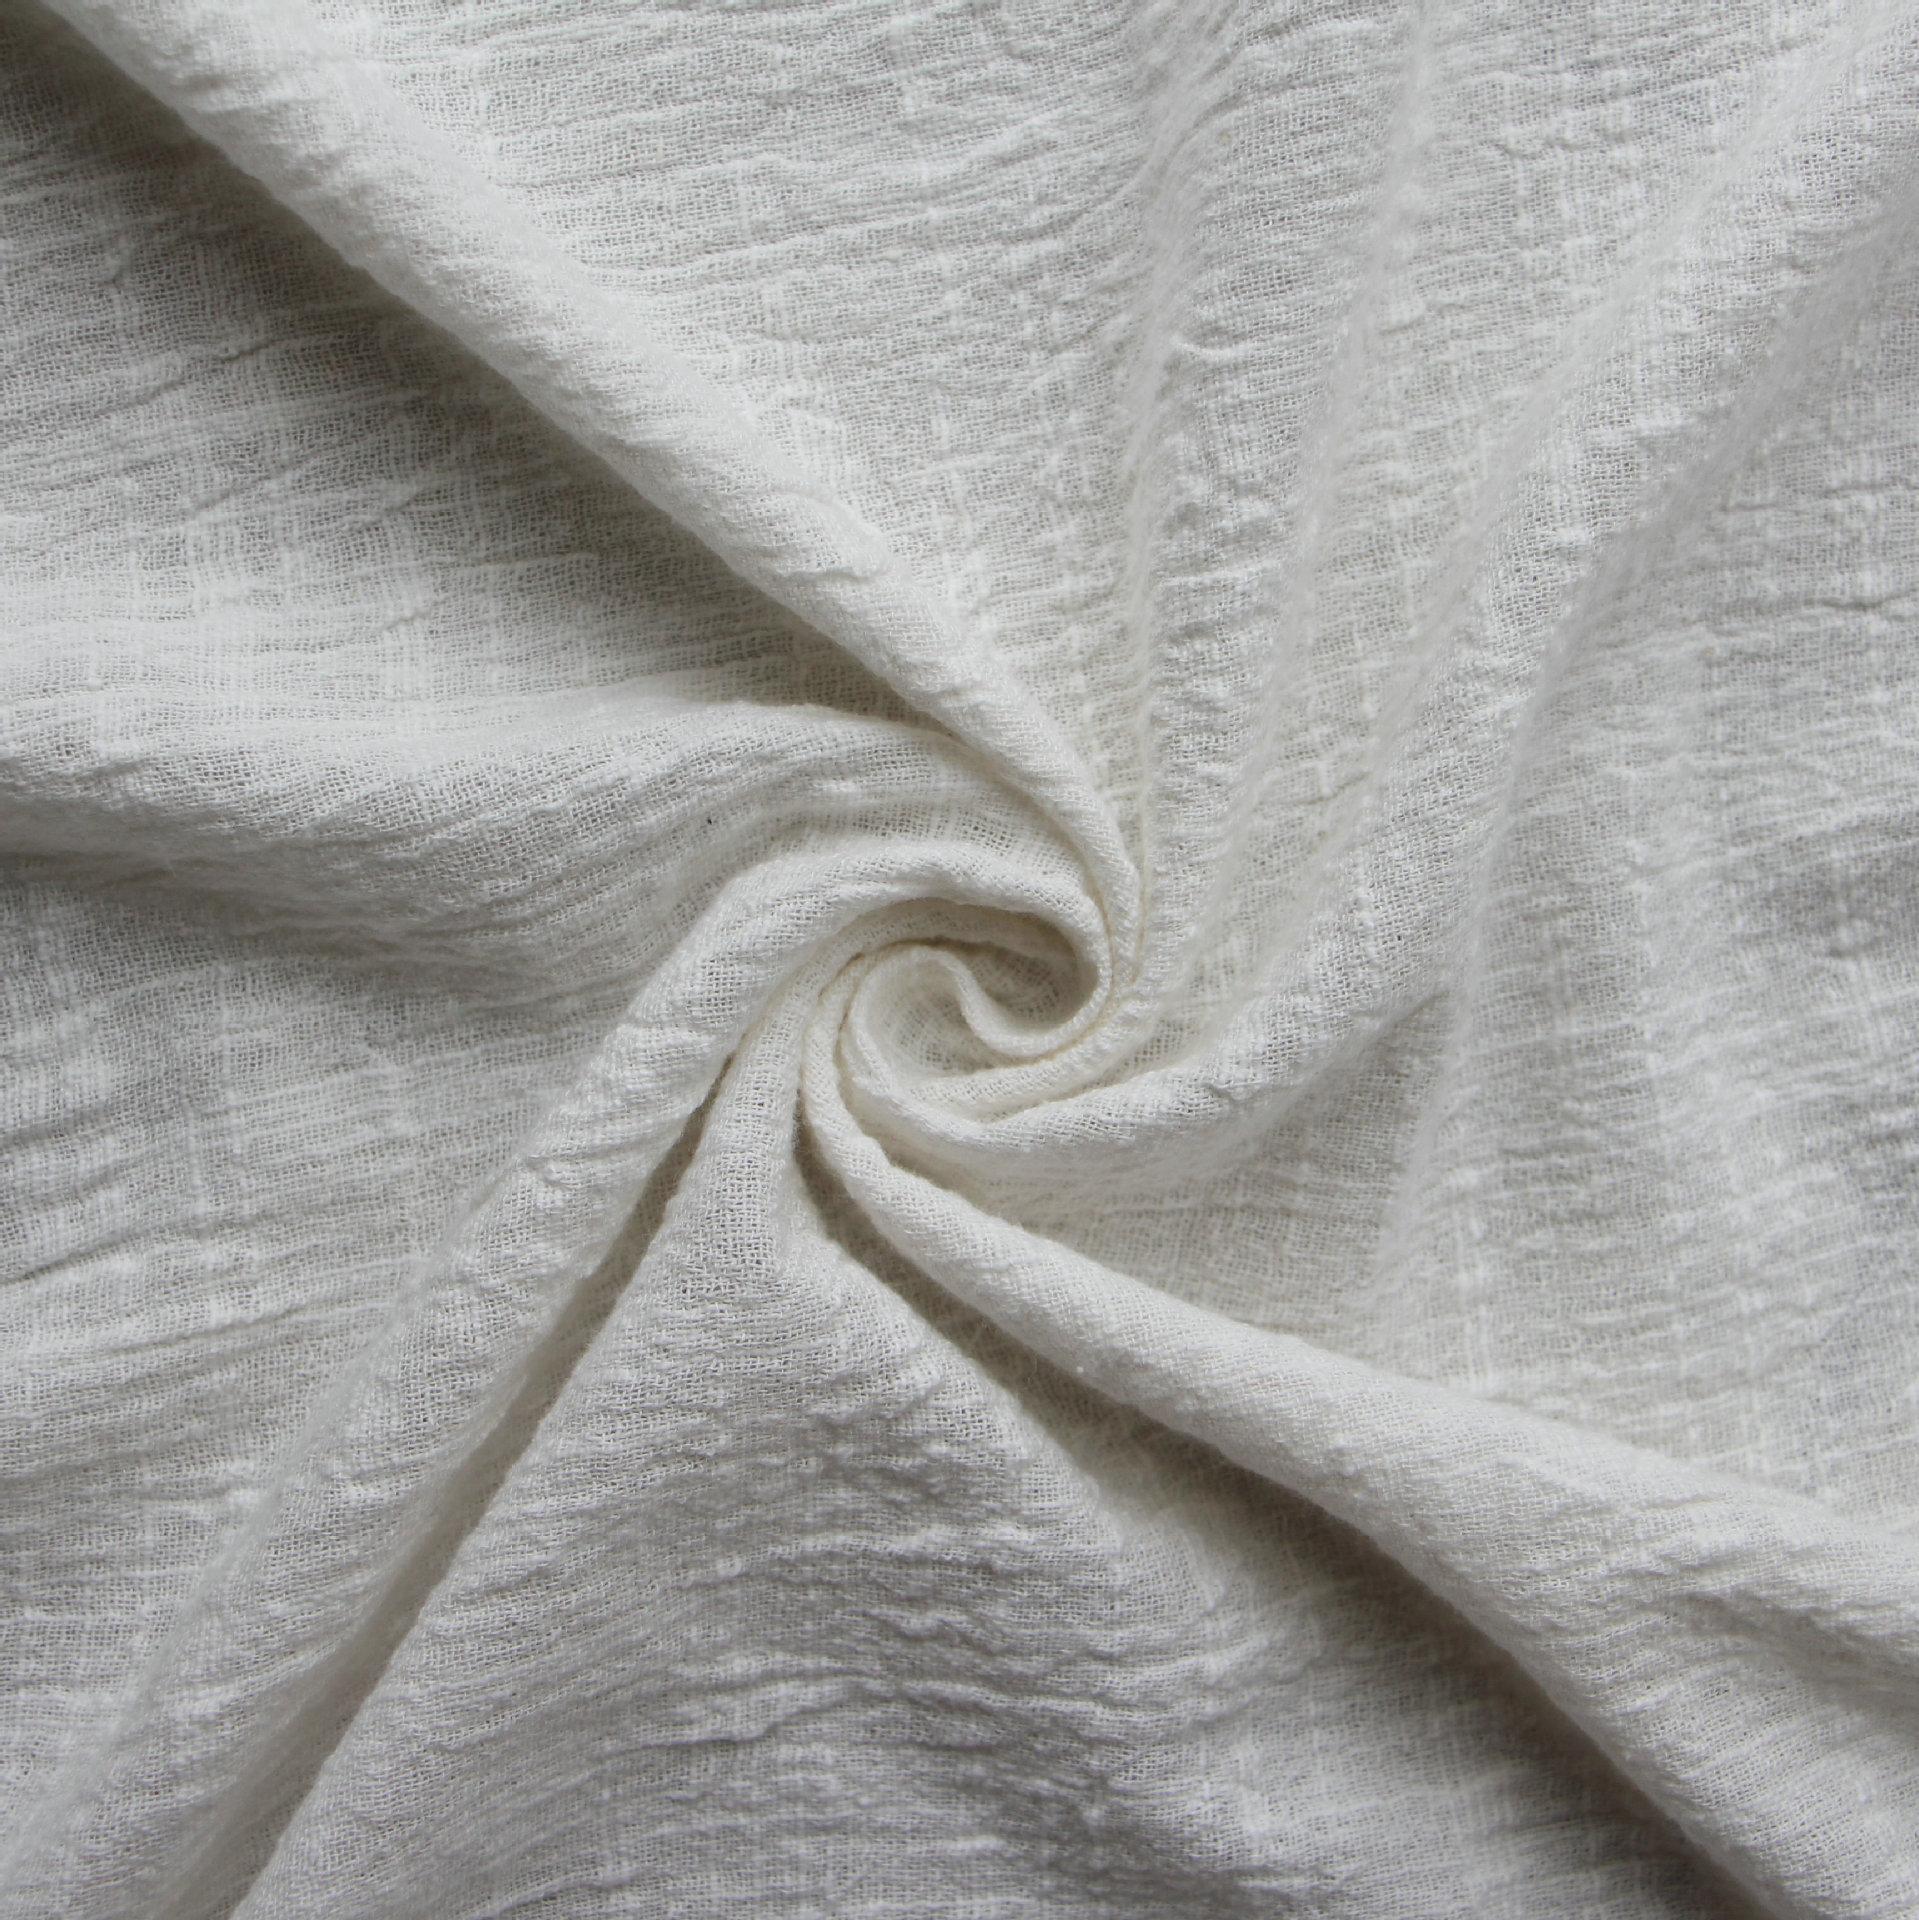 Vải Cotton pha Vải cotton mới hấp thụ nhiệt và thoáng khí cotton và vải lanh pha trộn vải lanh vải b